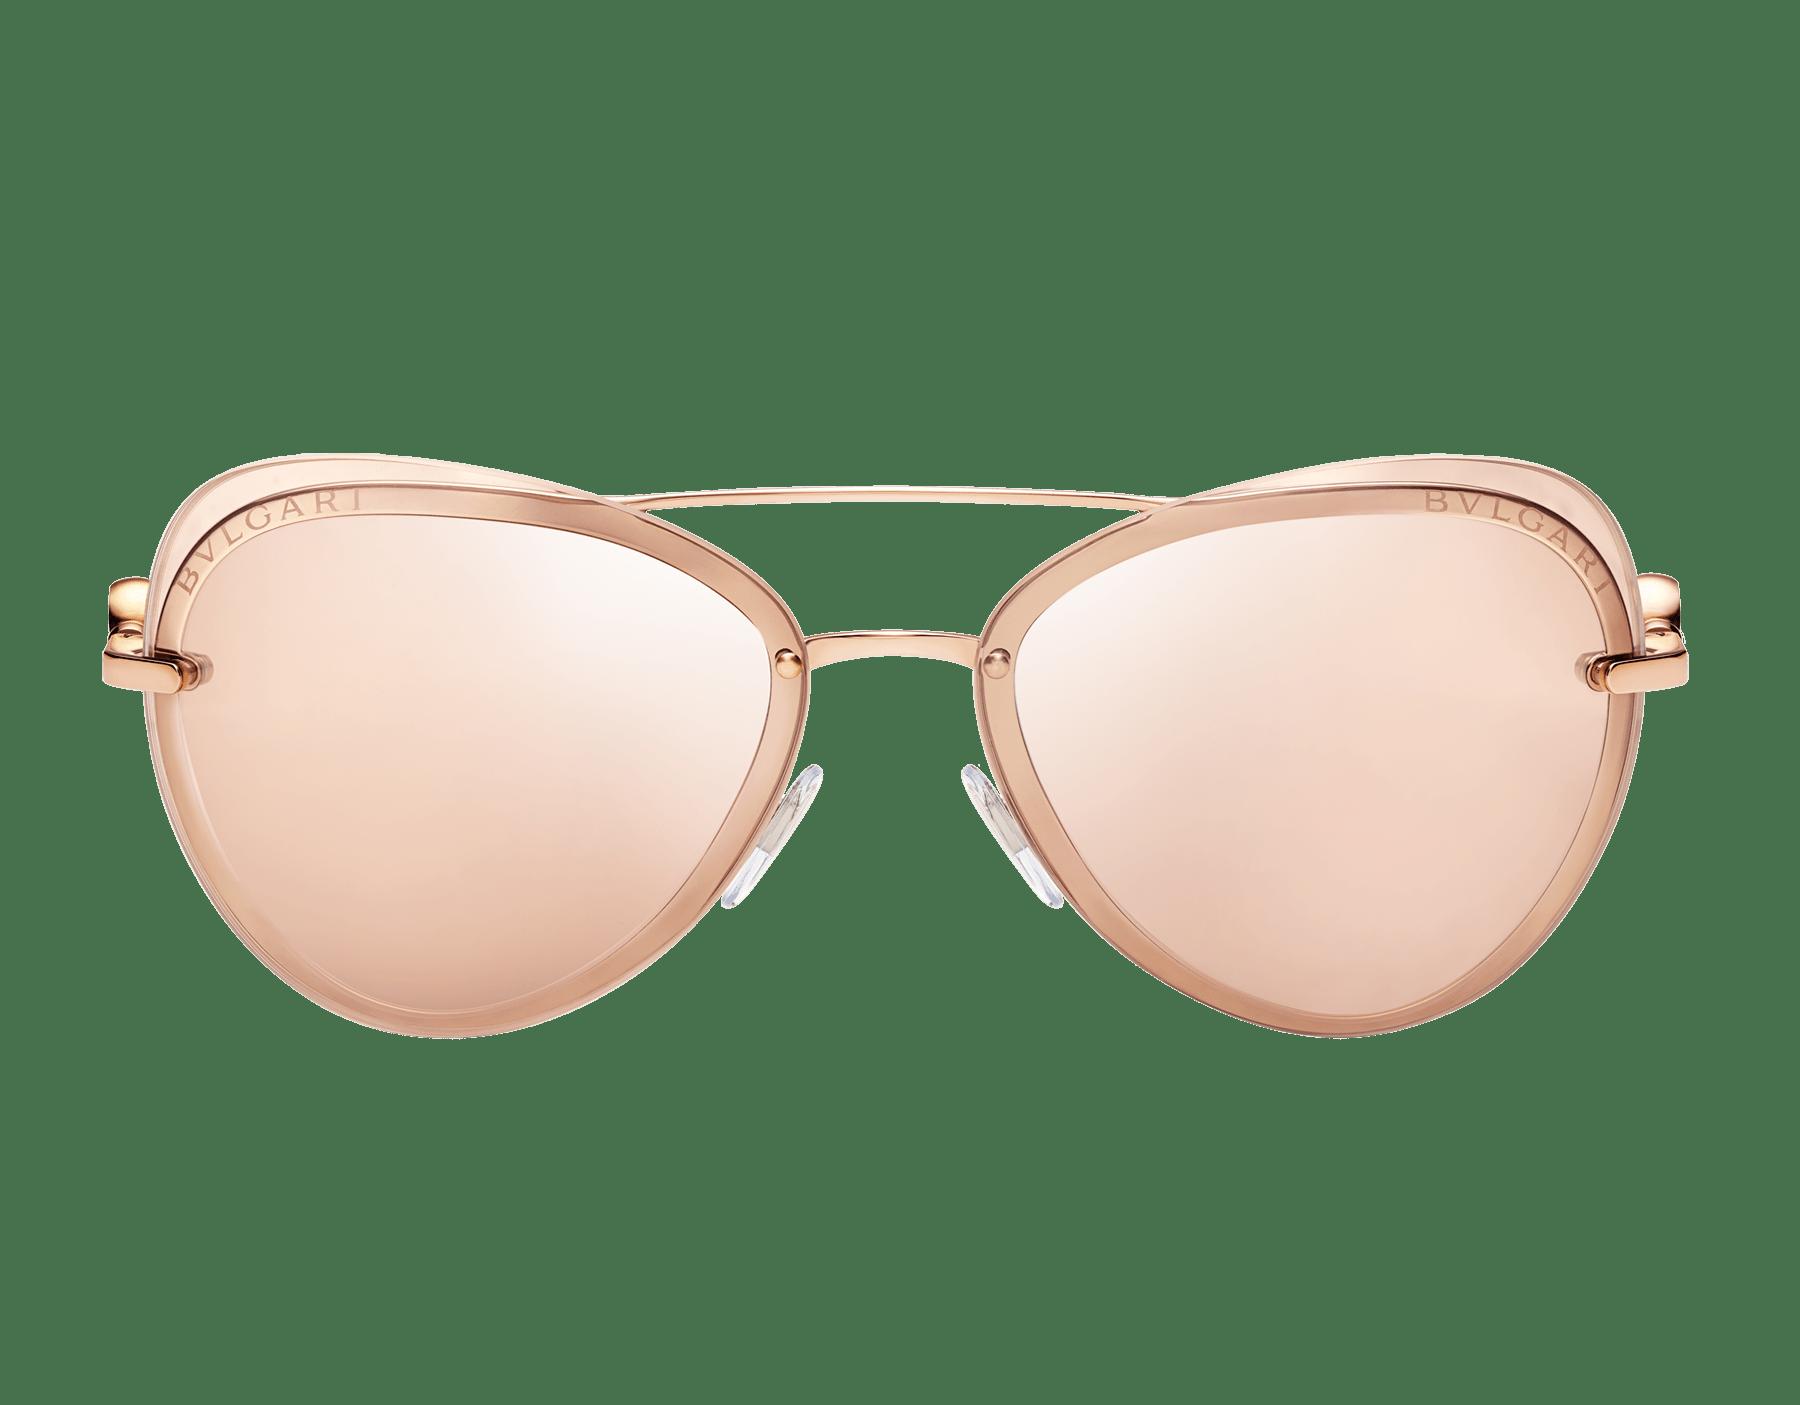 نظارات طيار شمسية بولغري بولغري «أون مي» معدنية 904080 image 2